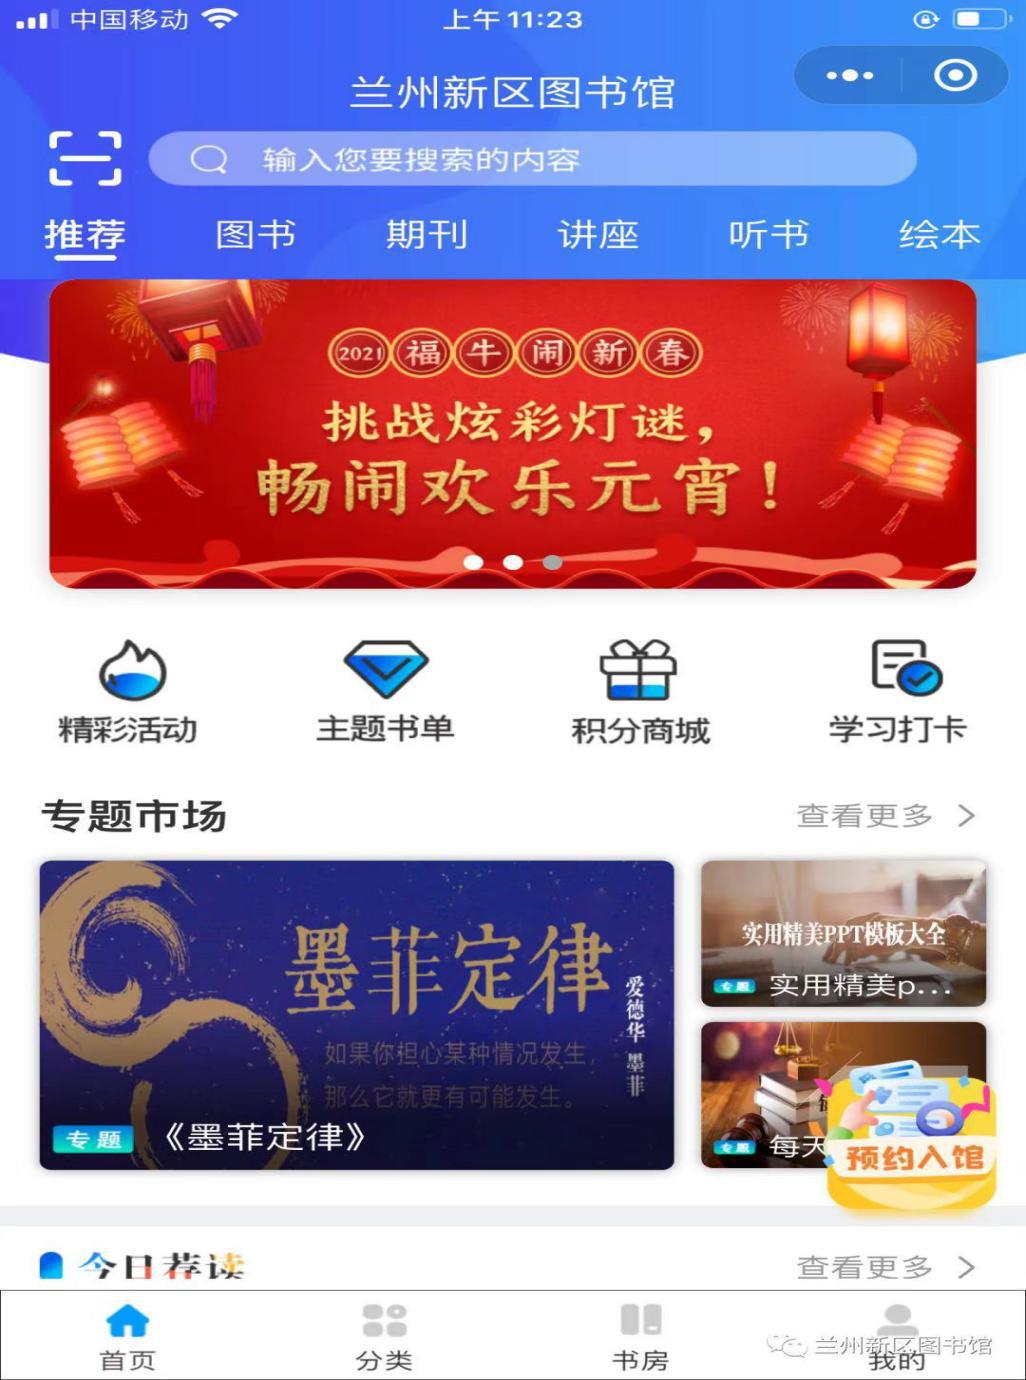 看秦腔耍社火逛庙会……兰州新区邀你闹元宵!